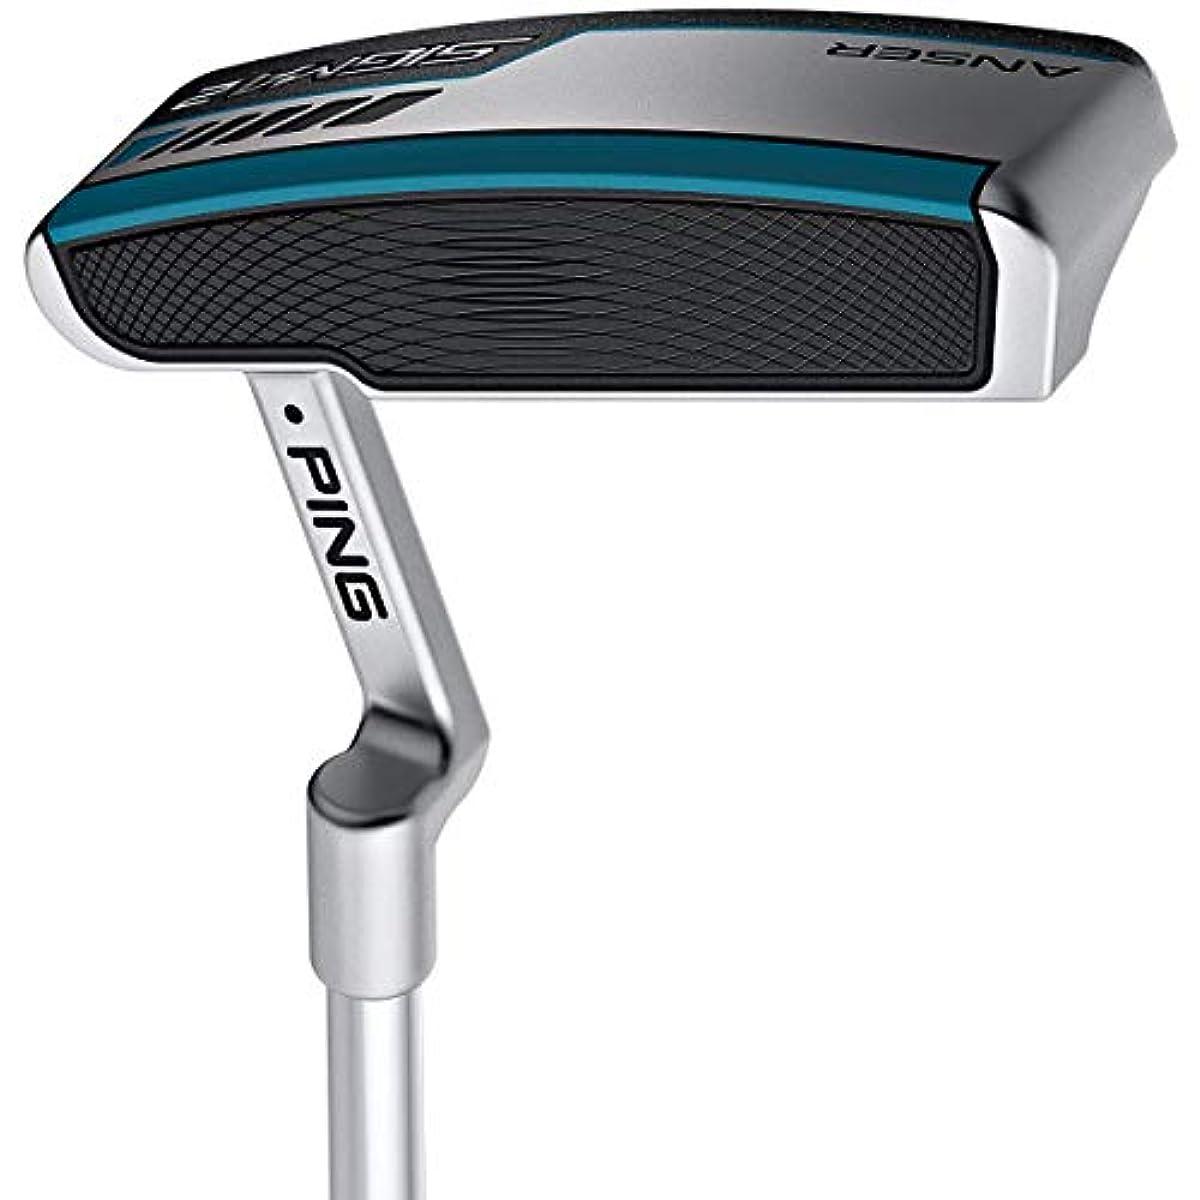 [해외] 핀 골프 클럽 퍼터 맨즈 SIGMA2 시그마2 블레이드형 그립 PP60 ANSER 32-36인치PL